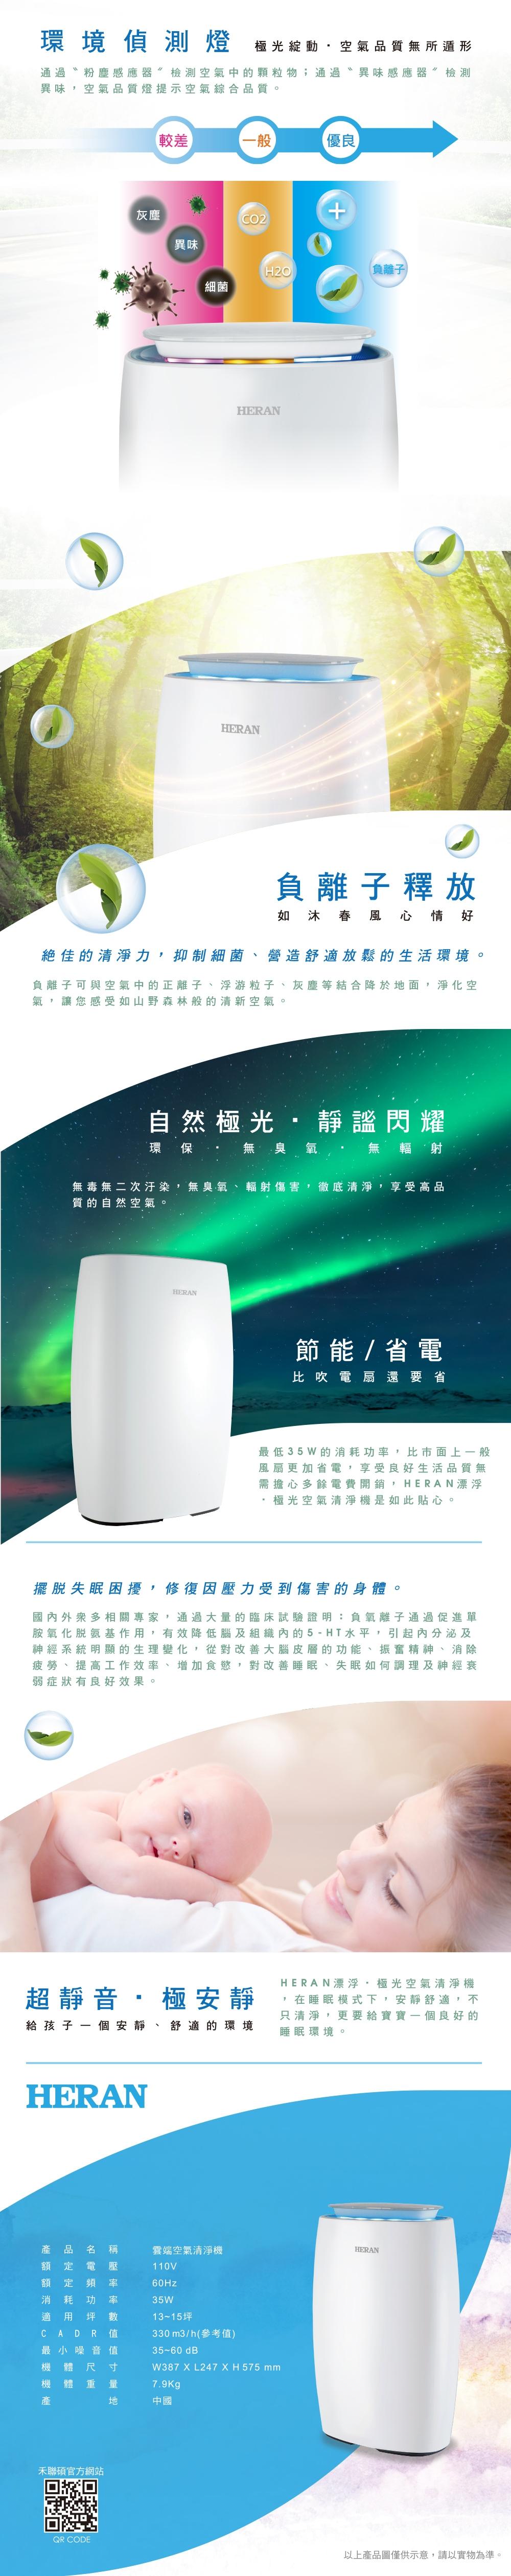 結帳驚喜 HERAN禾聯 13-15坪 WIFI雲端智能抗敏空氣清淨機 HAP-330M1I